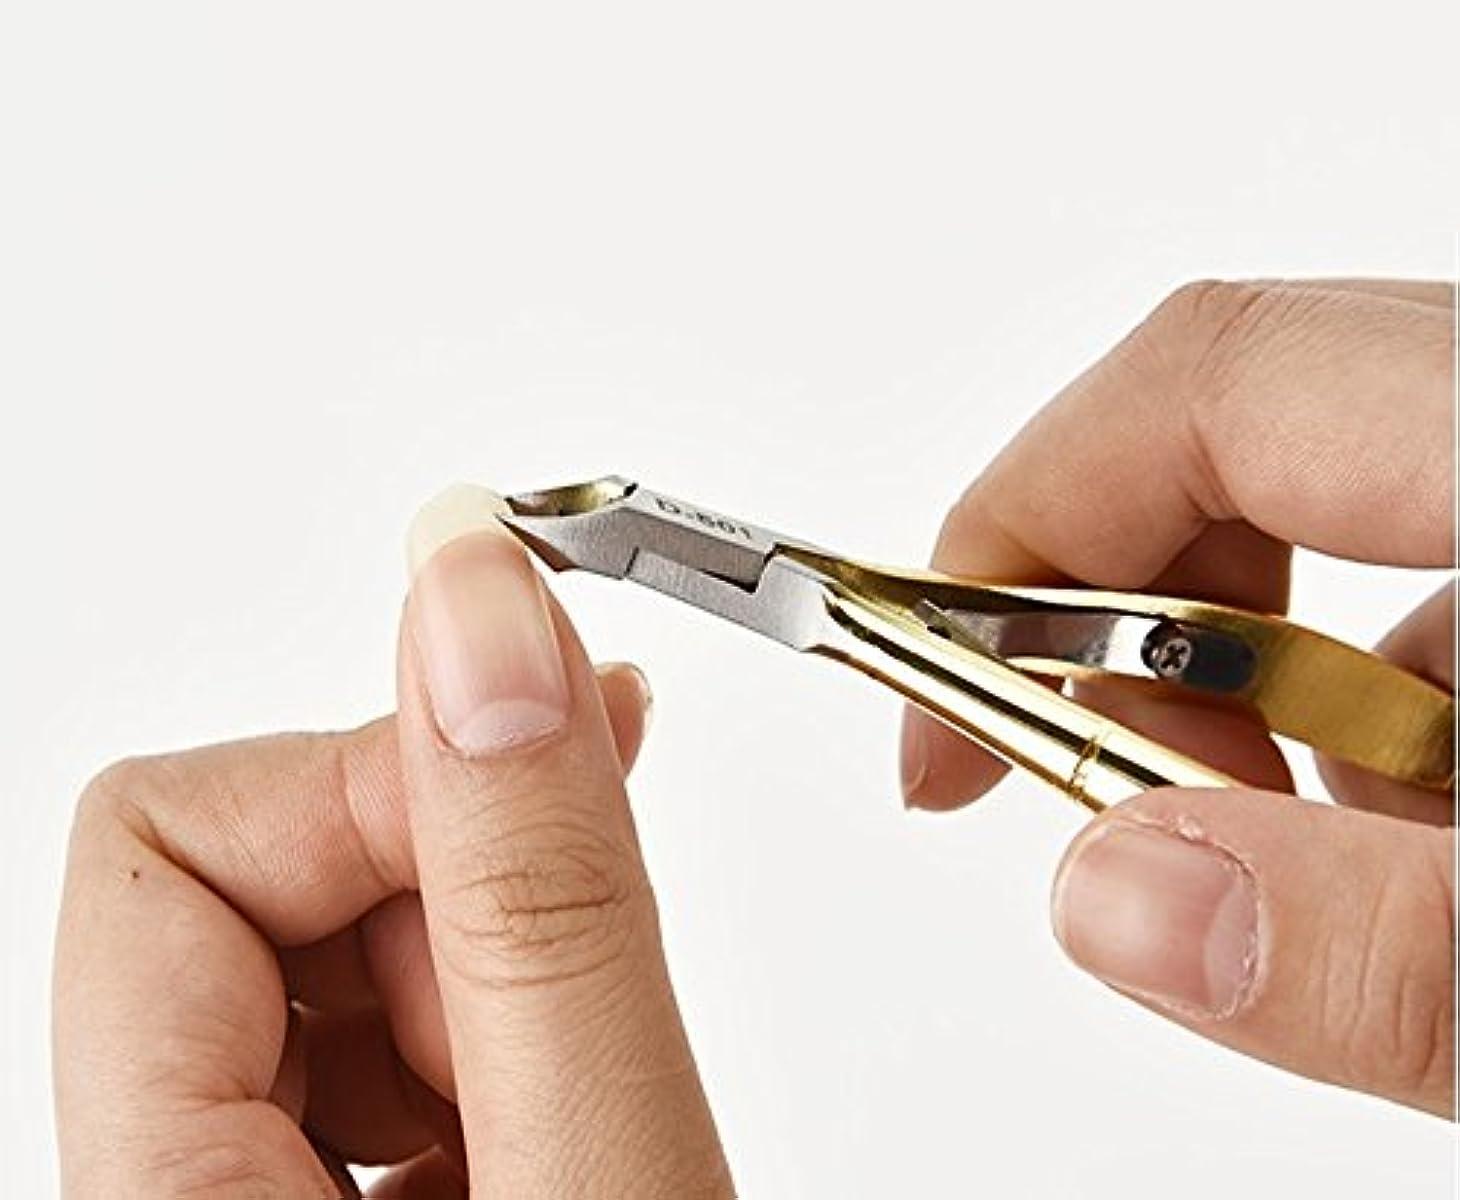 故障誤財団1stモール 鍛造 高品質ステンレス キューティクルニッパー 甘皮切り ささくれニッパー ニッパー式爪切り 魚の目などの角質にも対応 ST-CUTEN